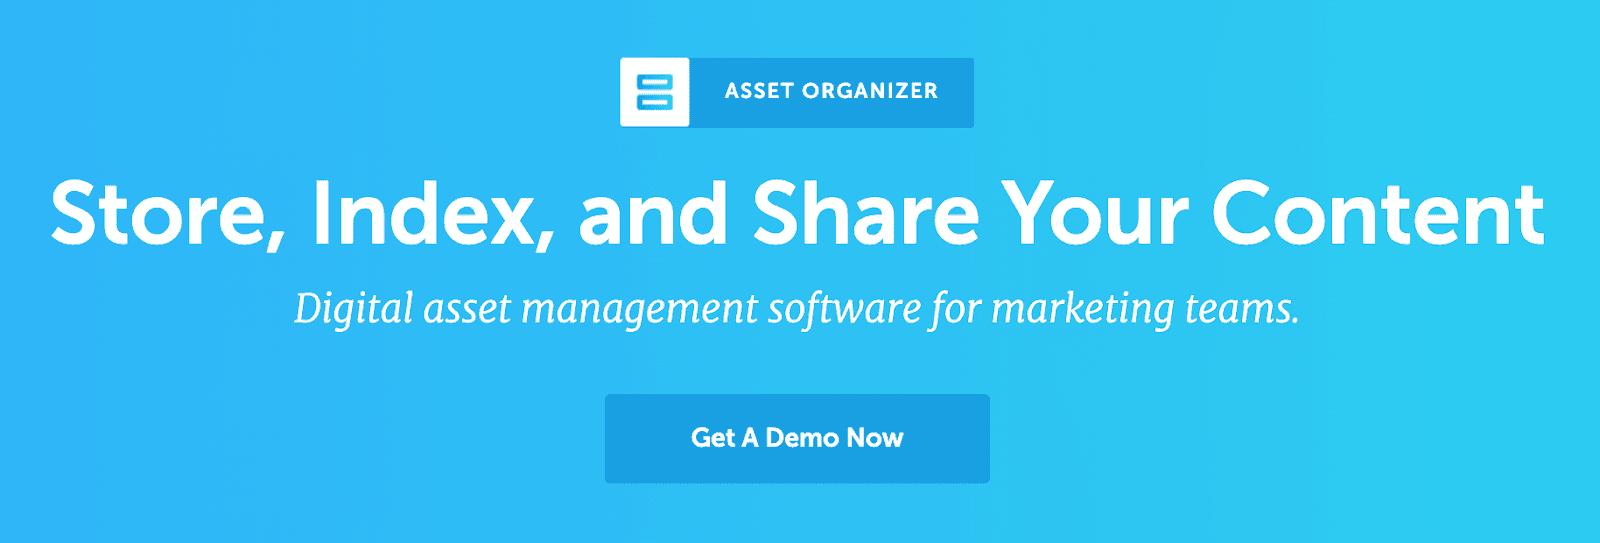 CoSchedule Asset Organizer